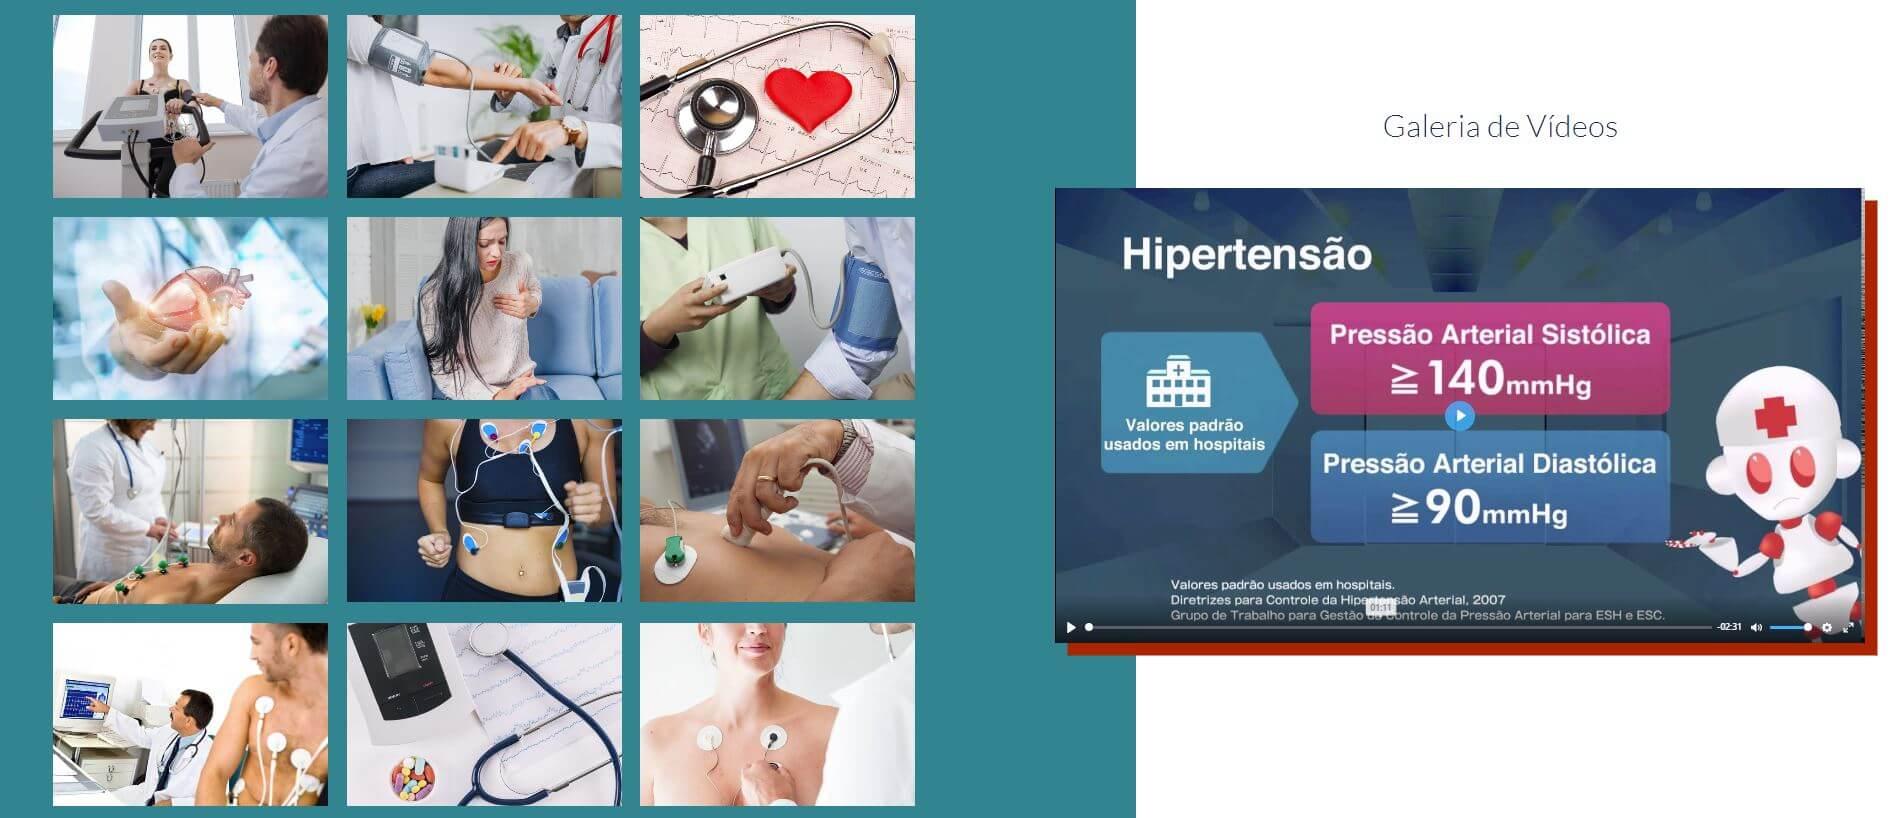 Área para Fotos e Vídeo do Anúncio Hotsite Corpo Informa